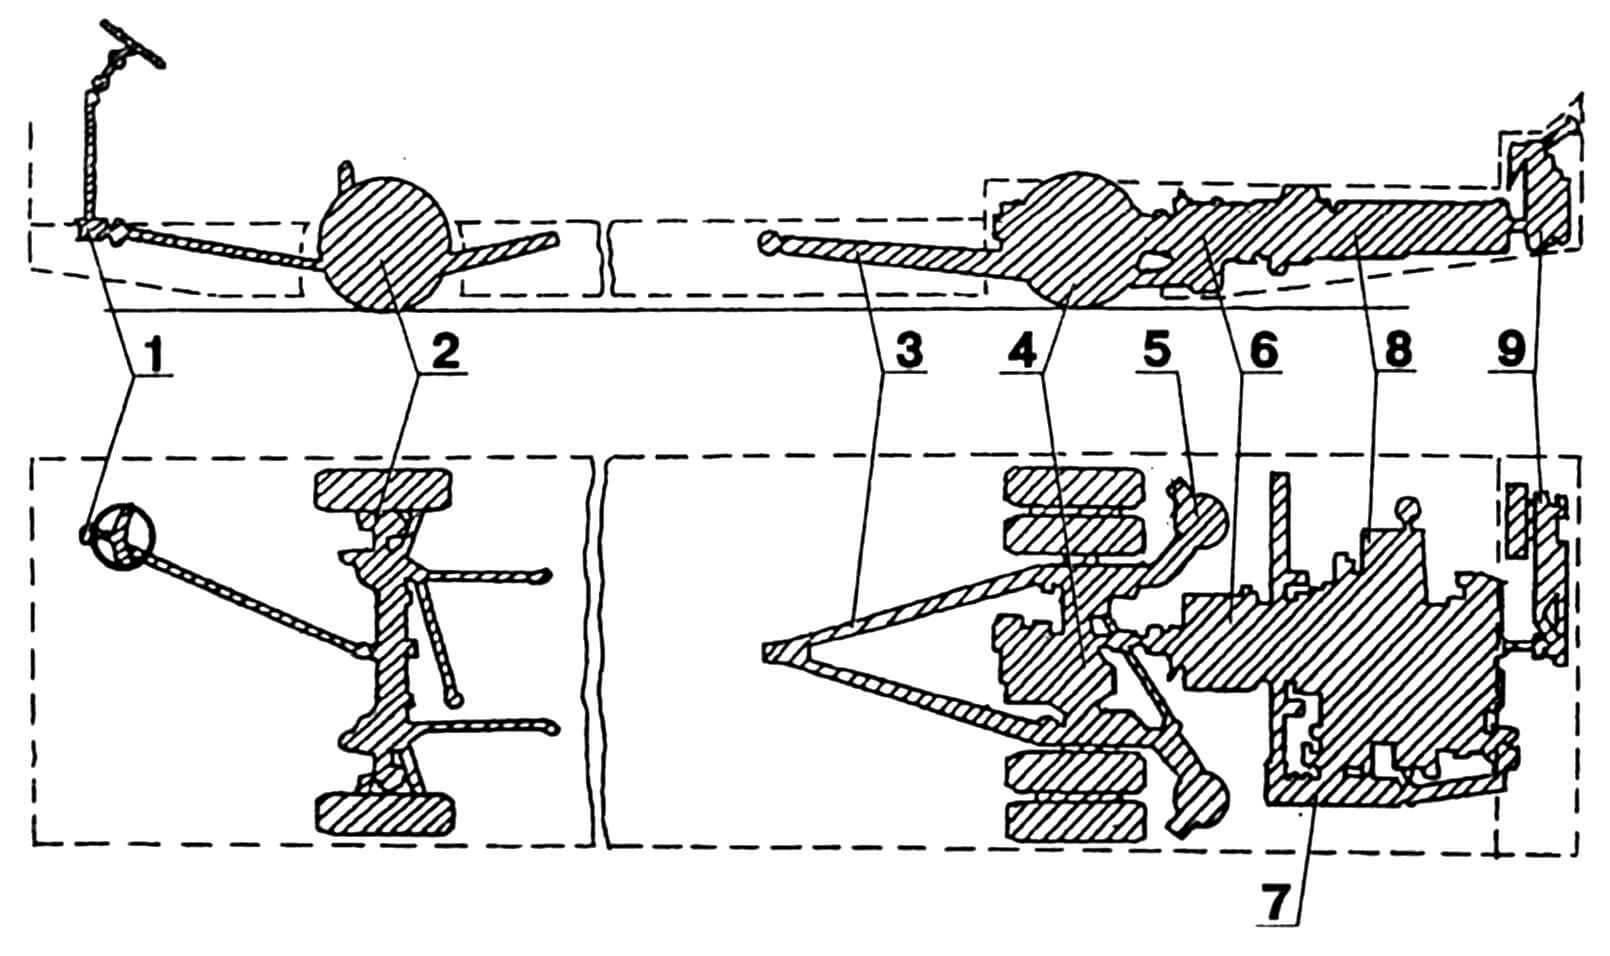 Схема размещения агрегатов подвески, силовой установки и трансмиссии: 1 — редуктор рулевого механизма, 2 — мост передний, 3 — треугольник силовой продольный, 4 — мост задний, 5 — пневмобаллон задней подвески, 6 — коробка передач автоматическая, 7 — глушитель, 8 — двигатель LEYLAND 510 горизонтальный, 9 — радиатор системы охлаждения.